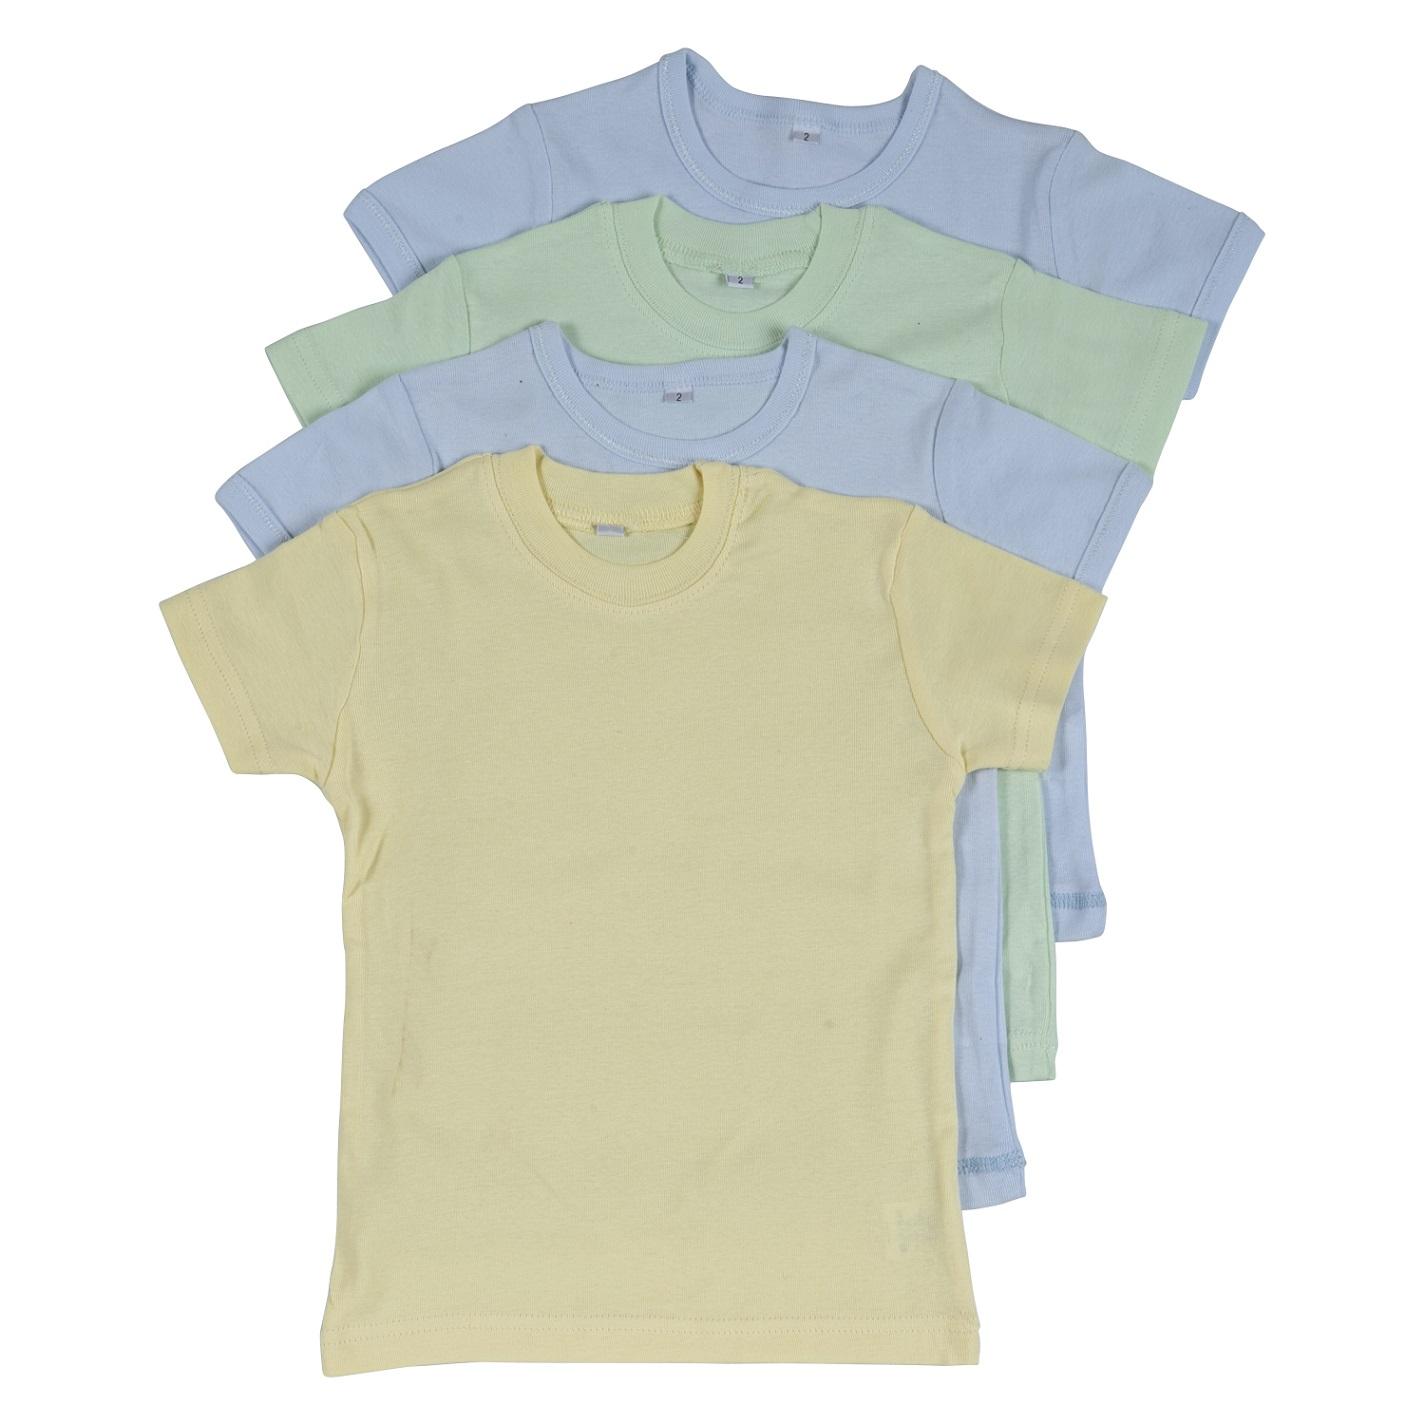 רביעיית חולצות ריפ 2 תכלת-צהוב-ירוק